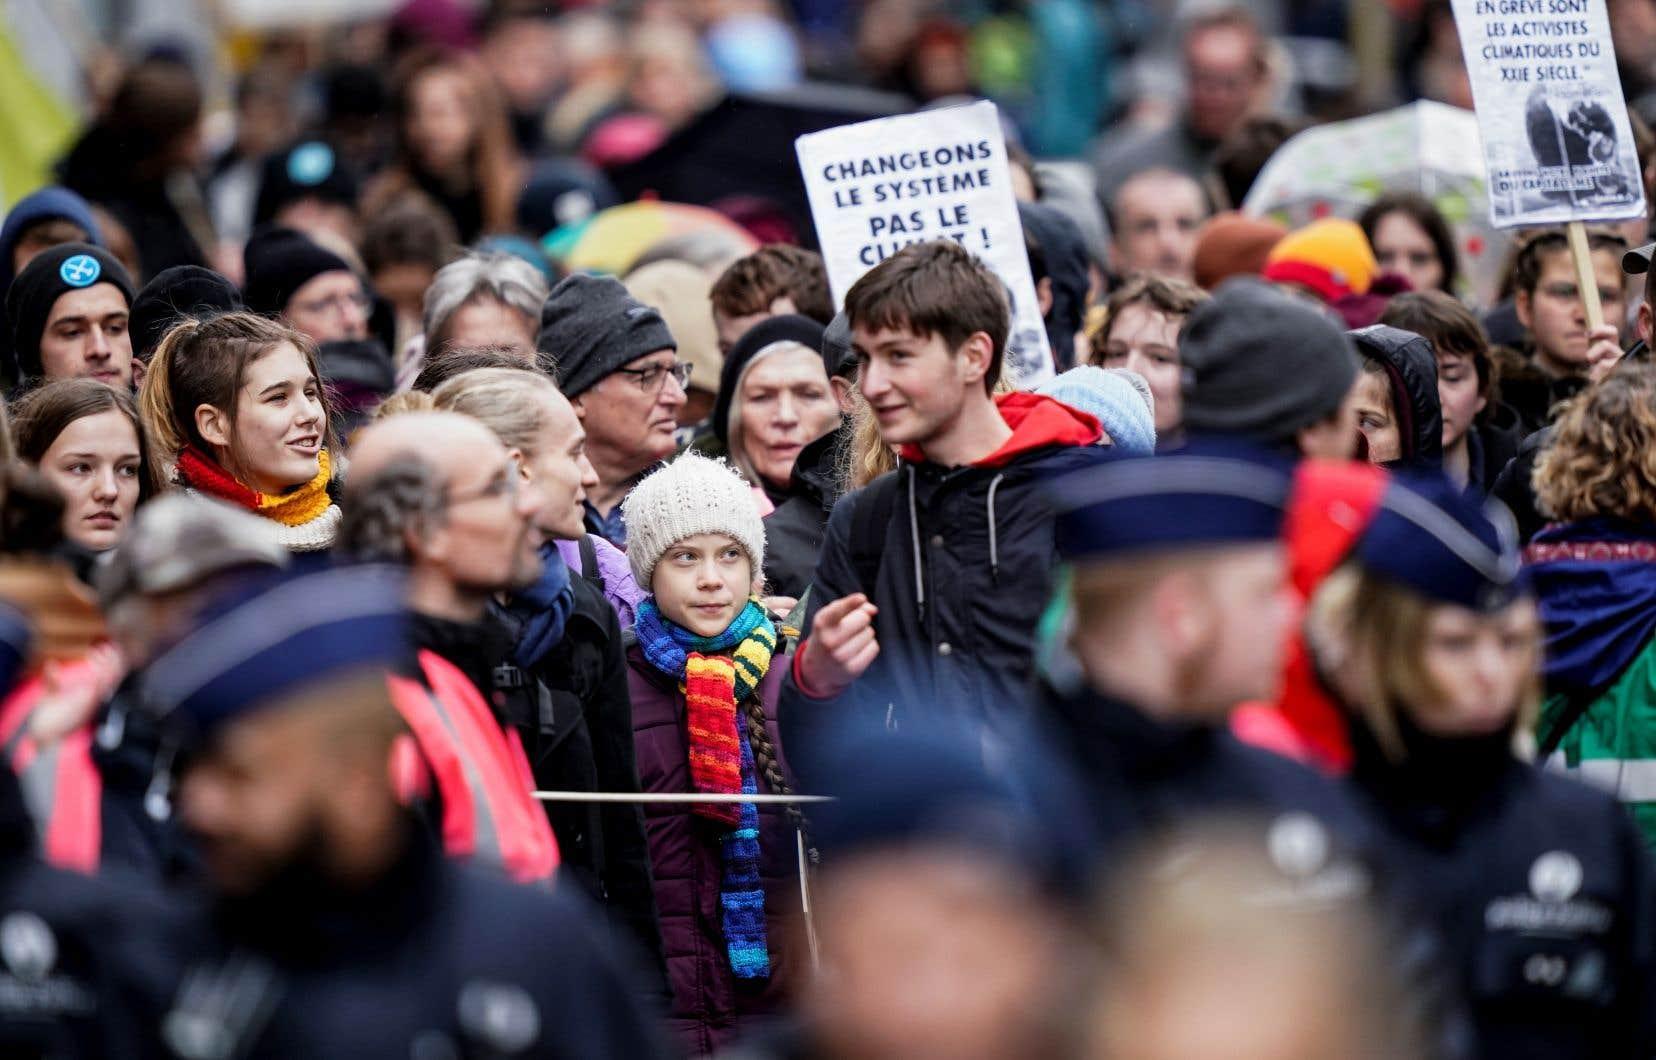 Les milliers de manifestants ont accompagné la militante écologiste suédoise Greta Thunberg pendant la marche dans la capitale belge.